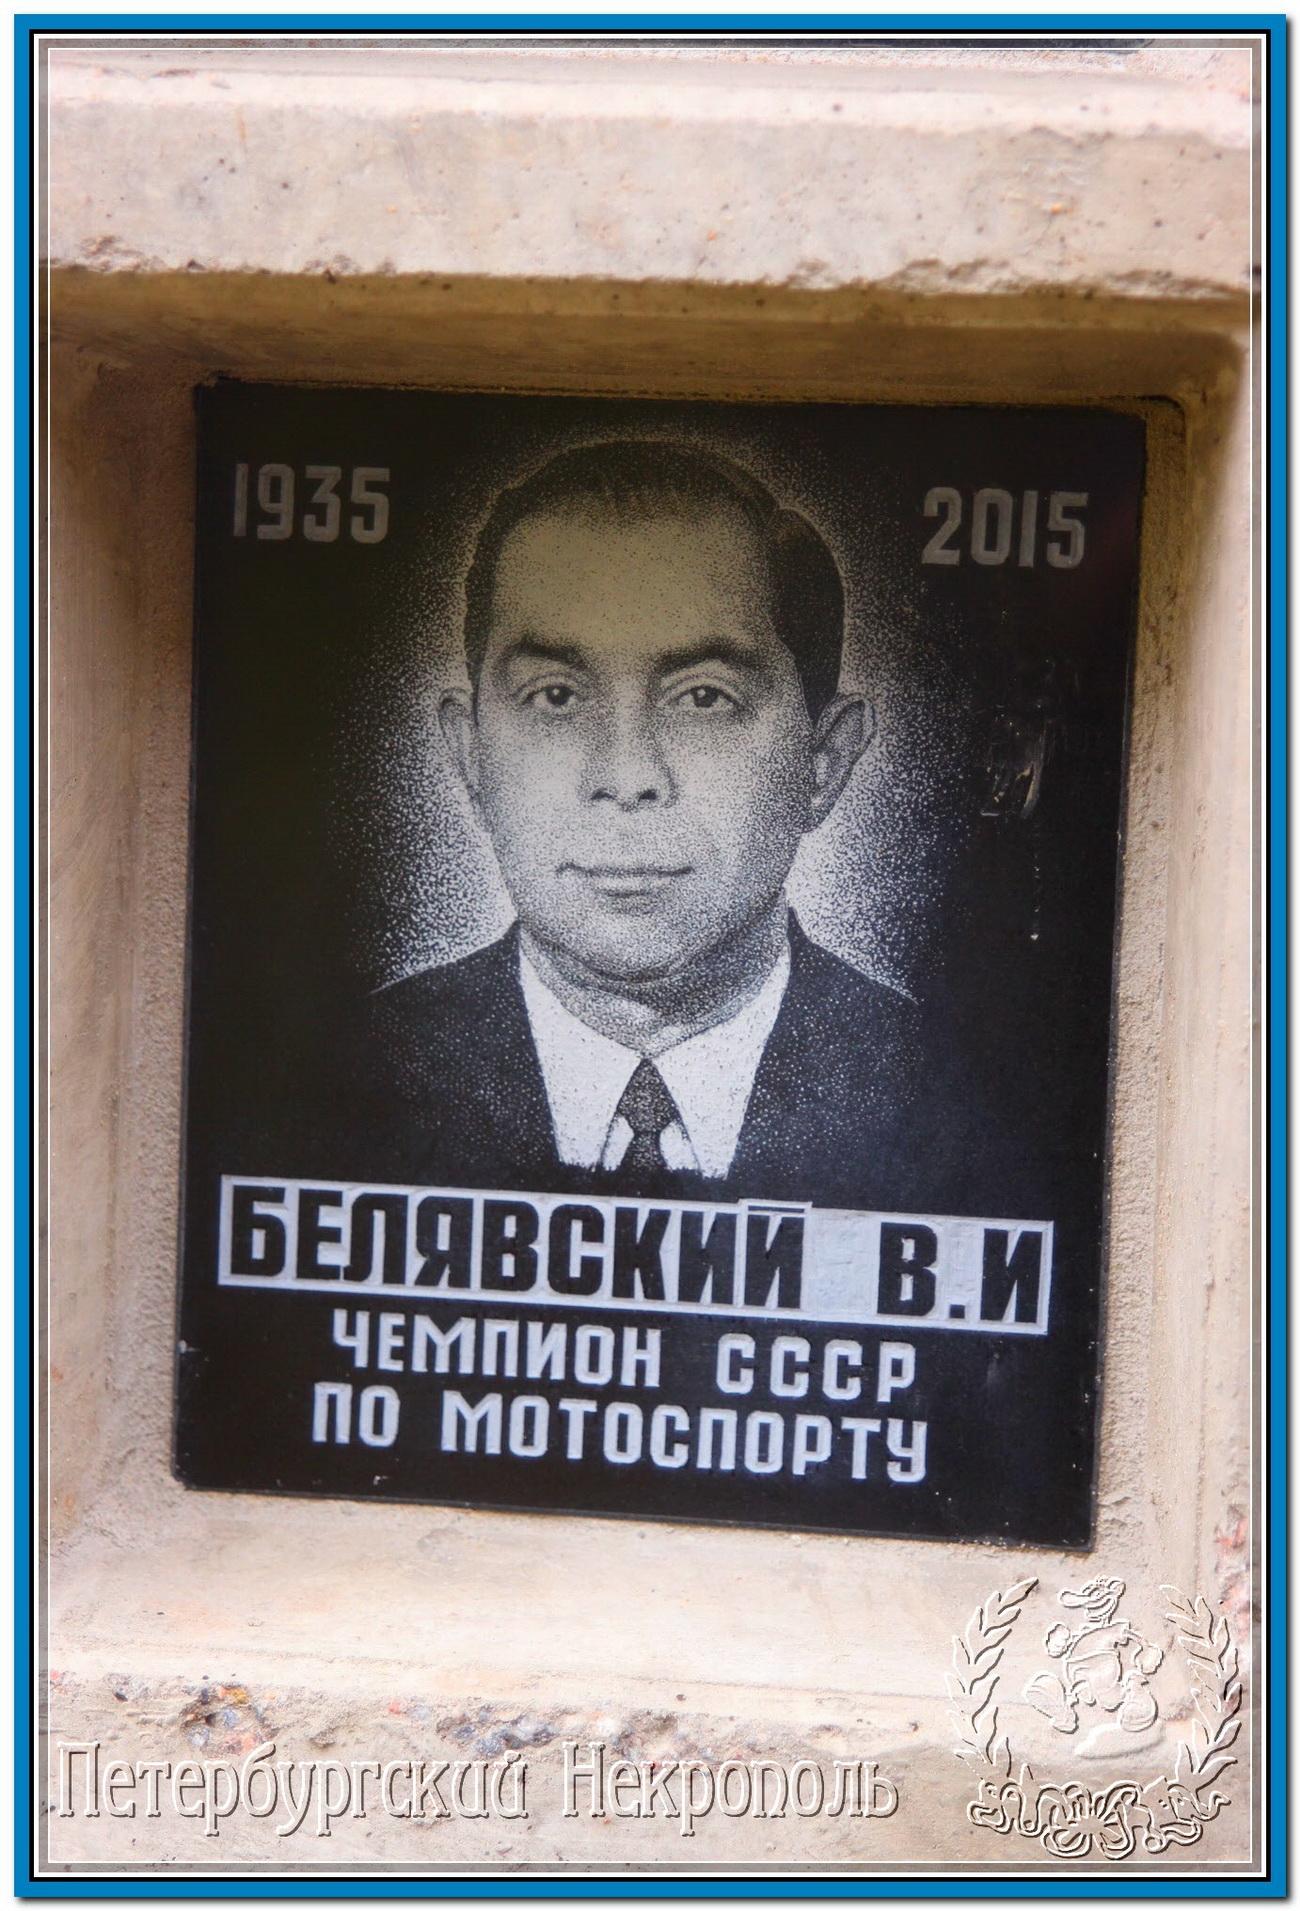 © БелявскийВадимИосифович